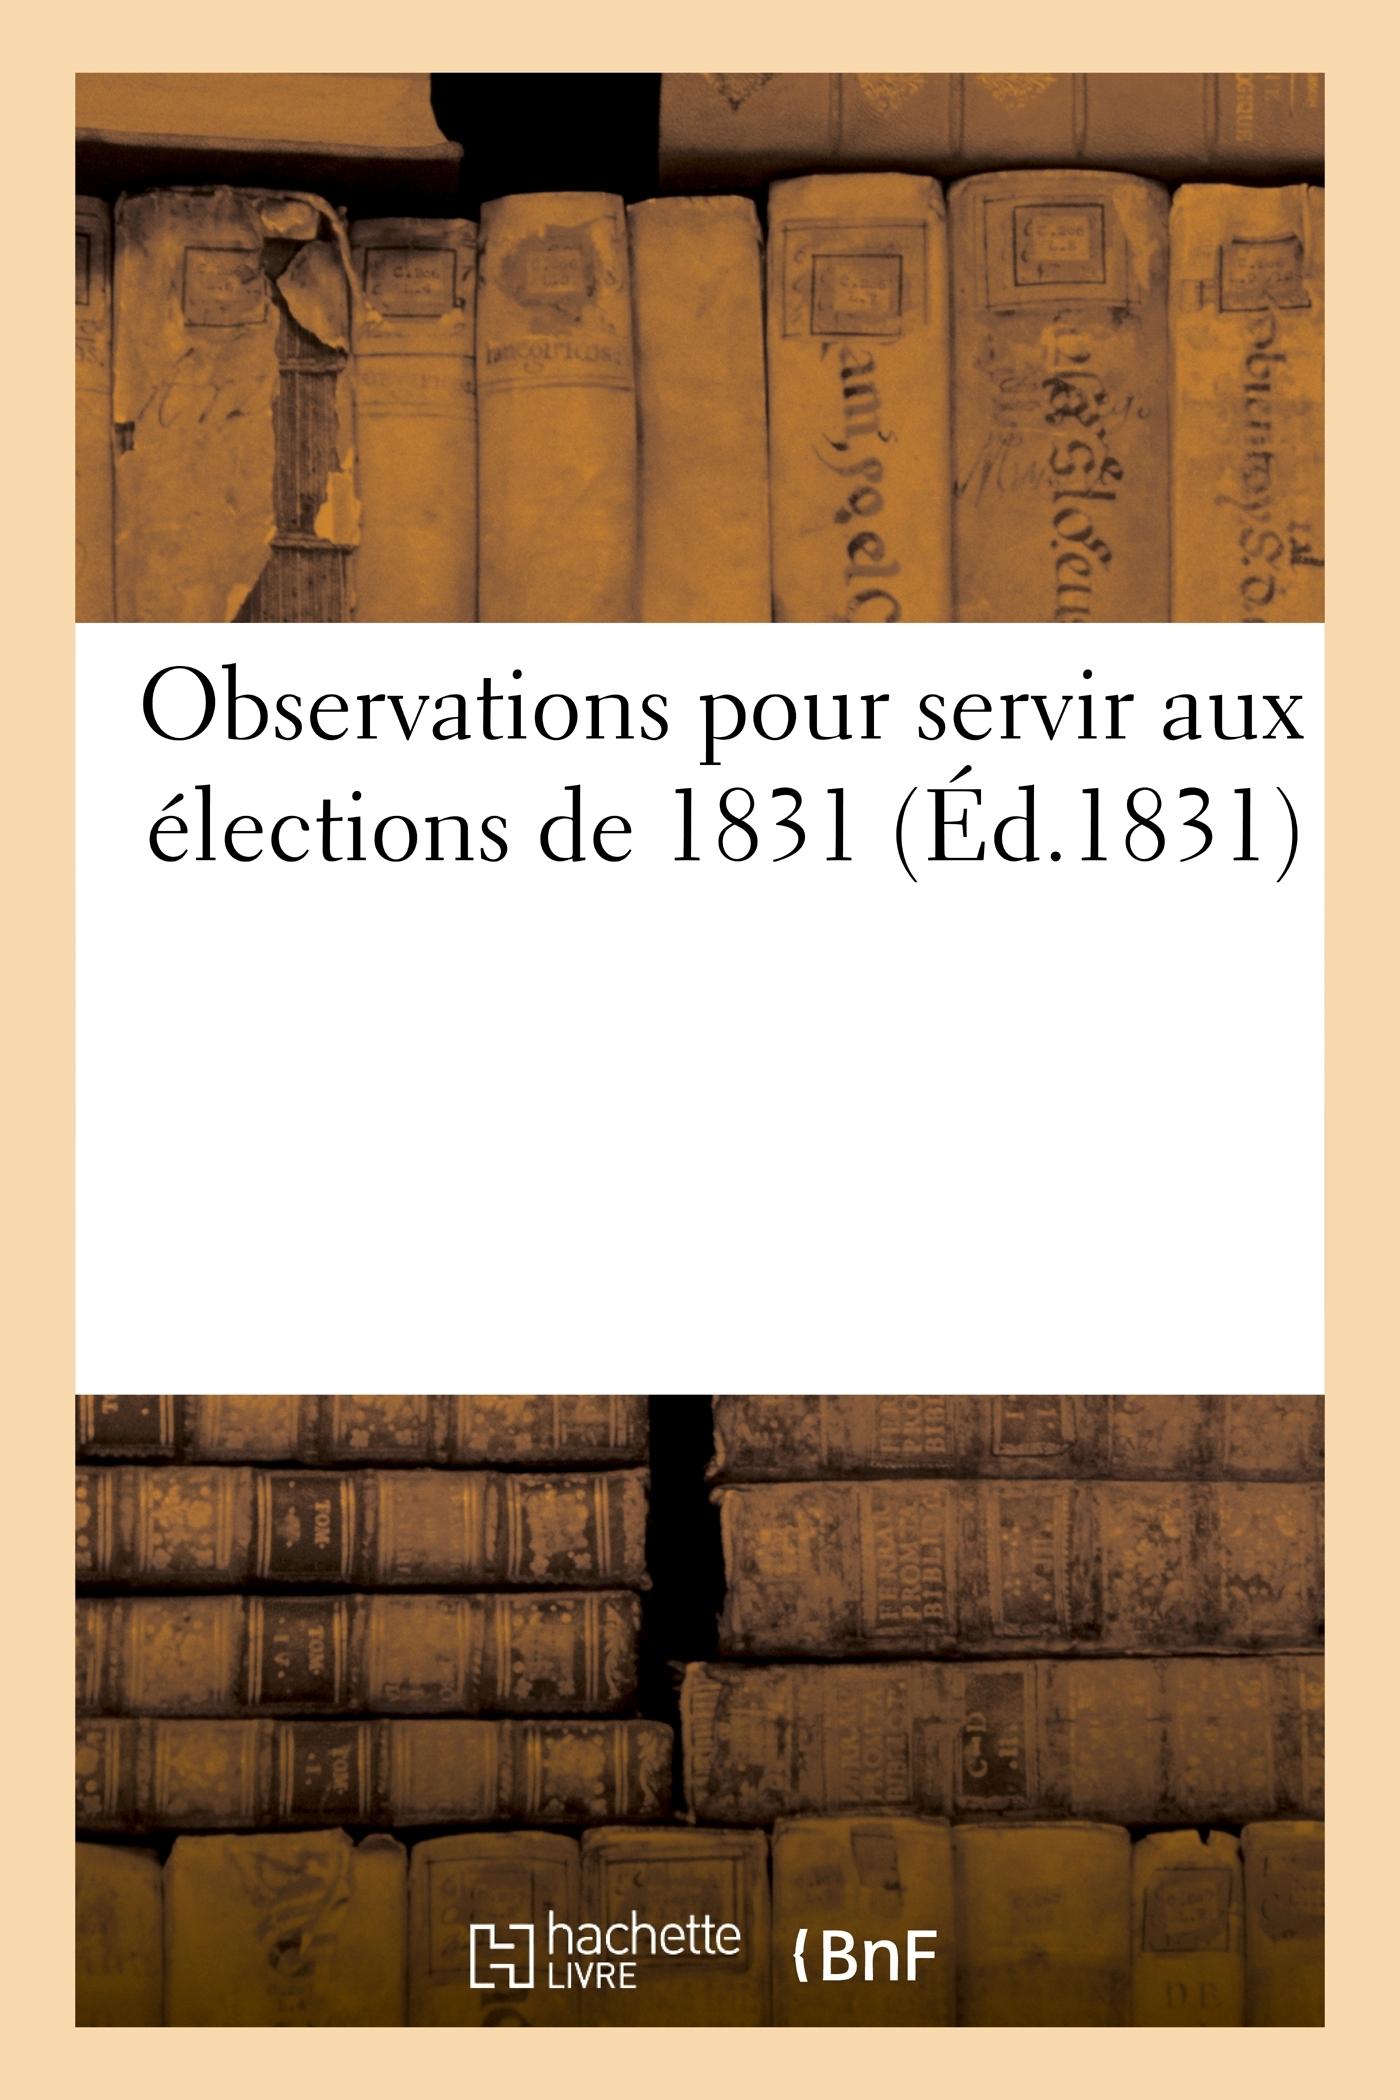 OBSERVATIONS POUR SERVIR AUX ELECTIONS DE 1831